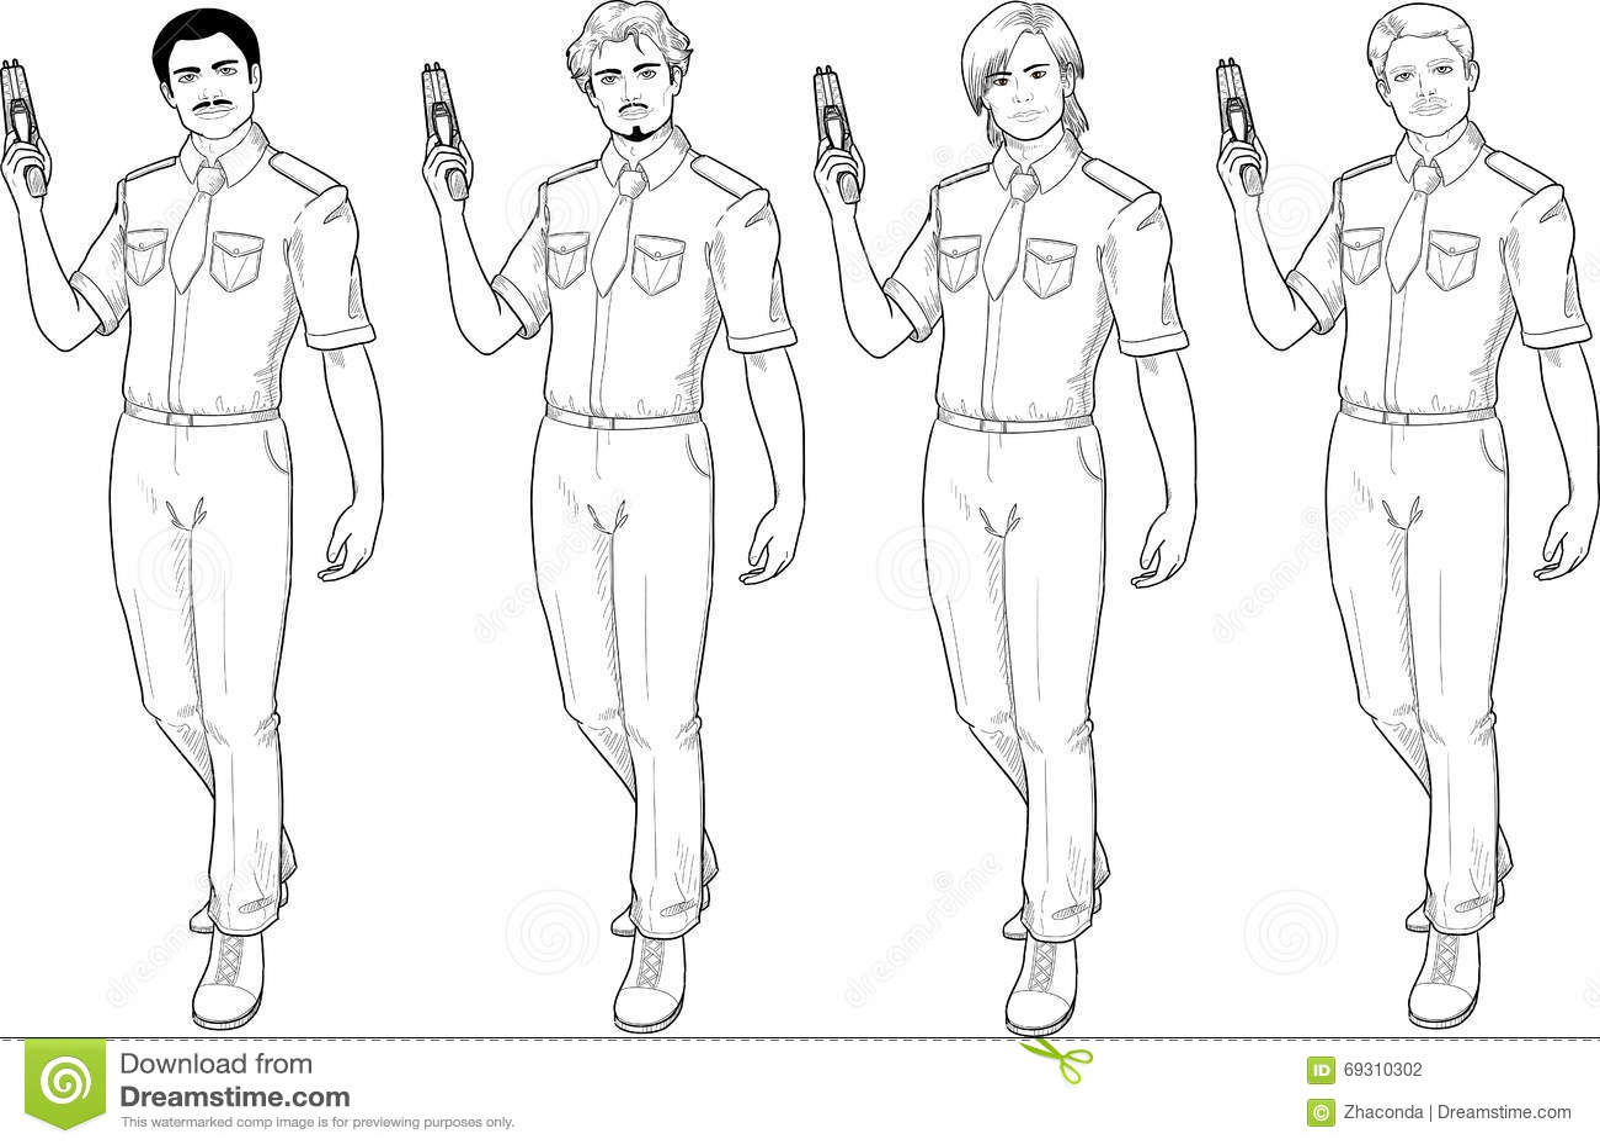 male police officer holds taser stock vector image 69310302